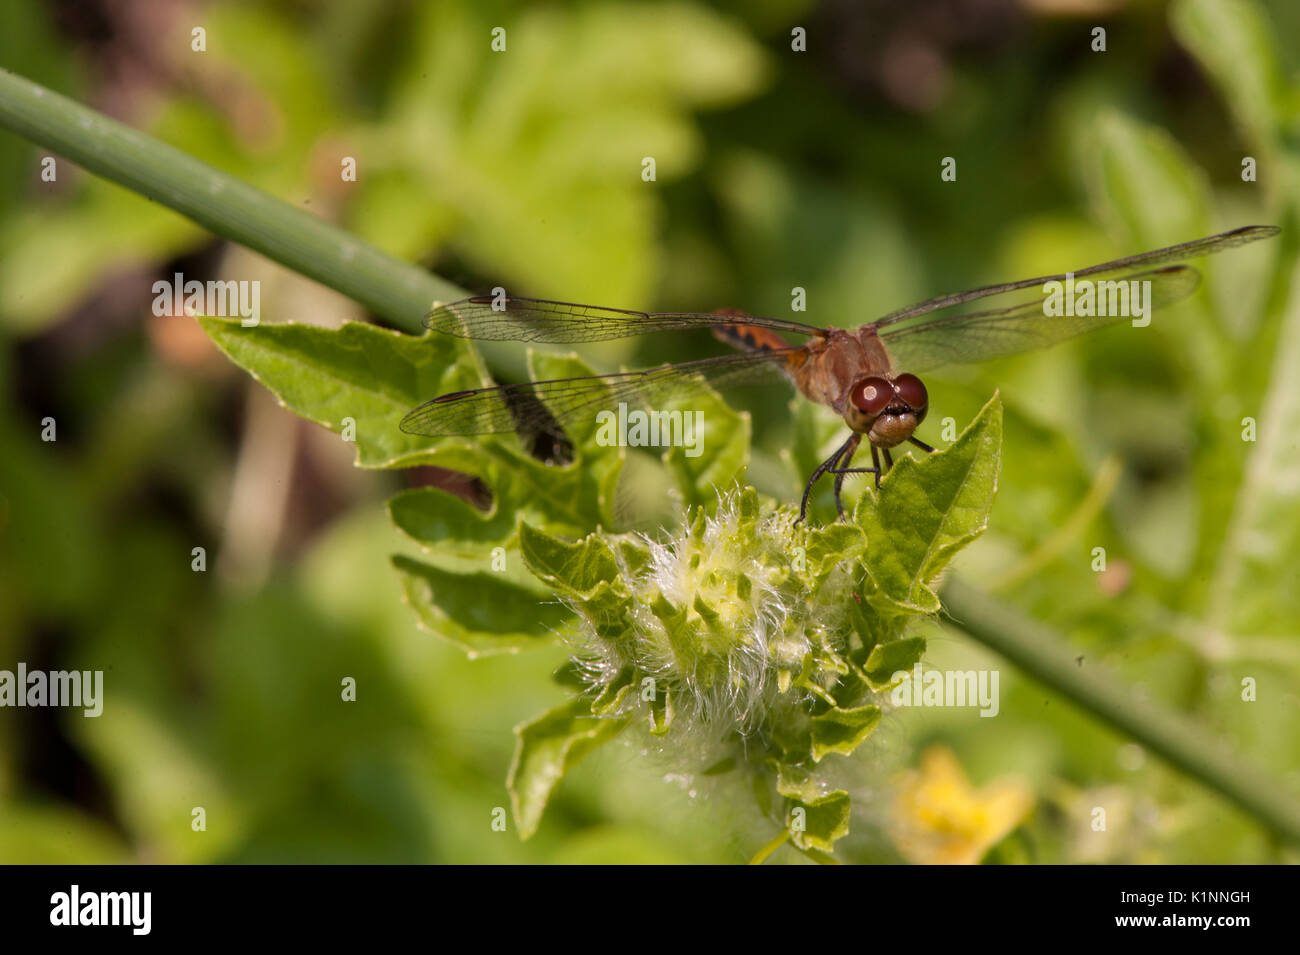 Una libellula su una foglia con ali stese. Immagini Stock